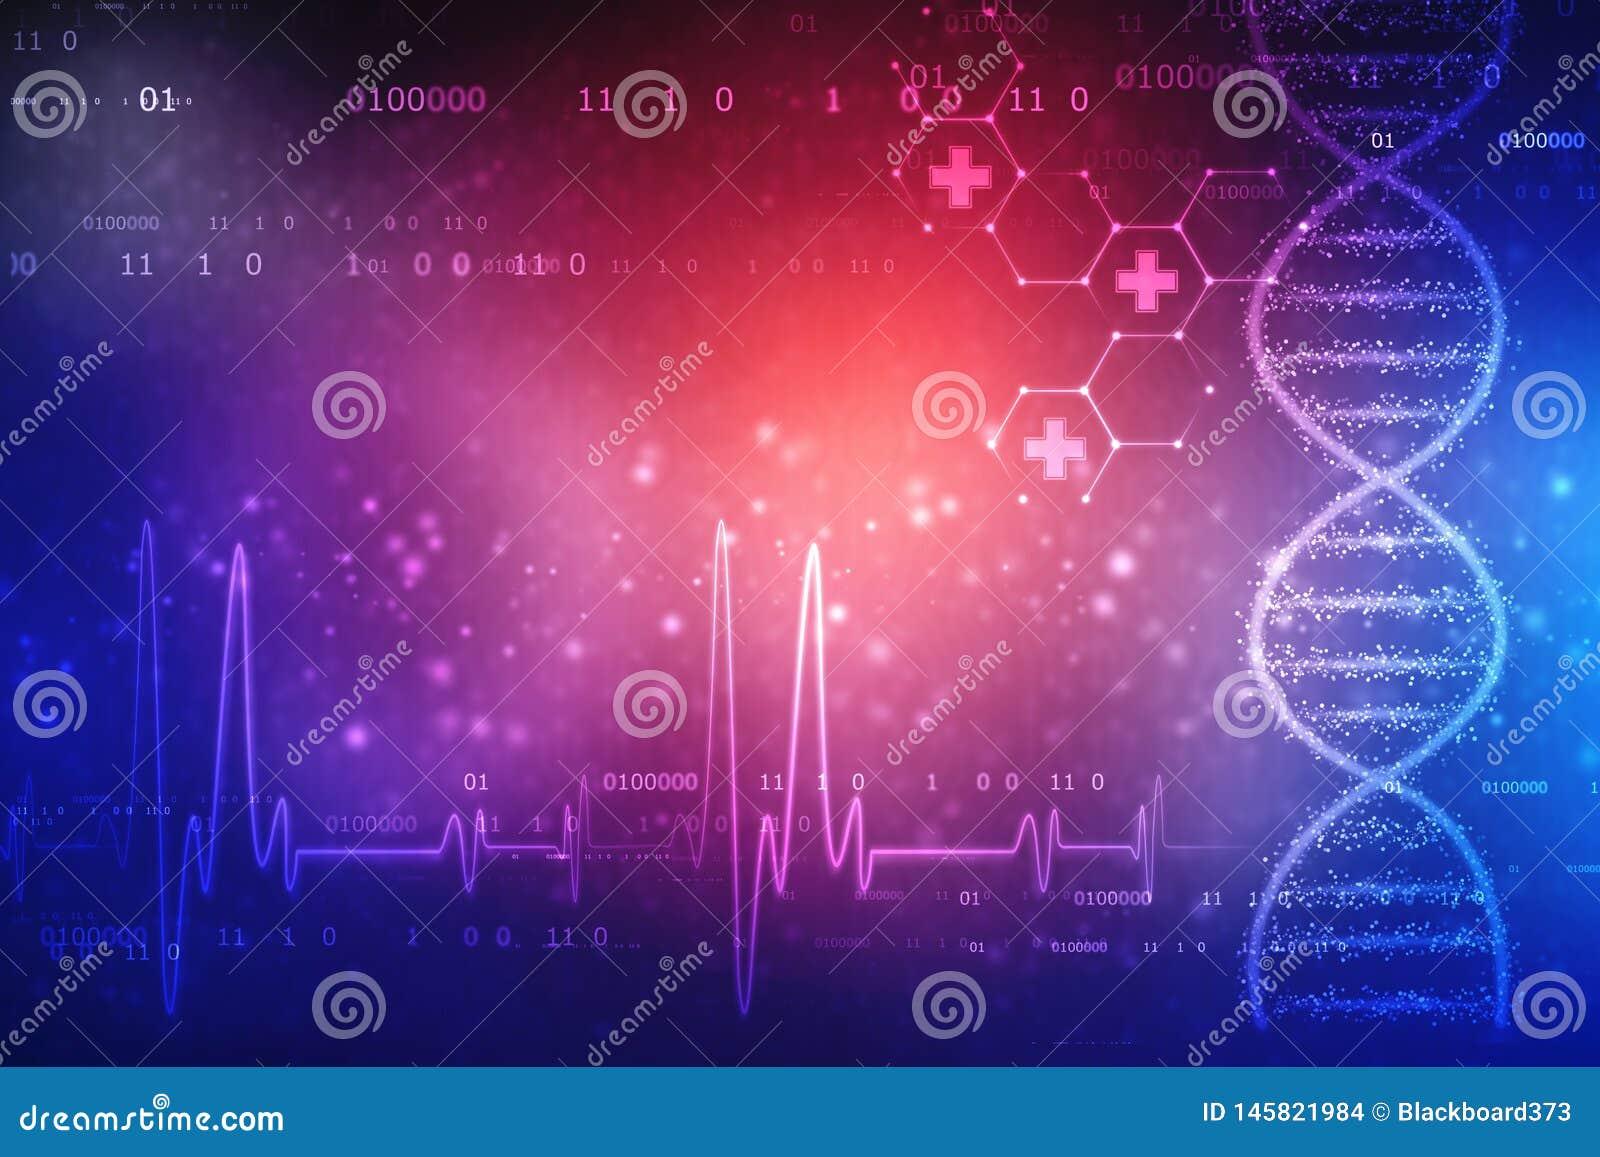 De digitale Illustratie van DNA-structuur, vat medische achtergrond samen